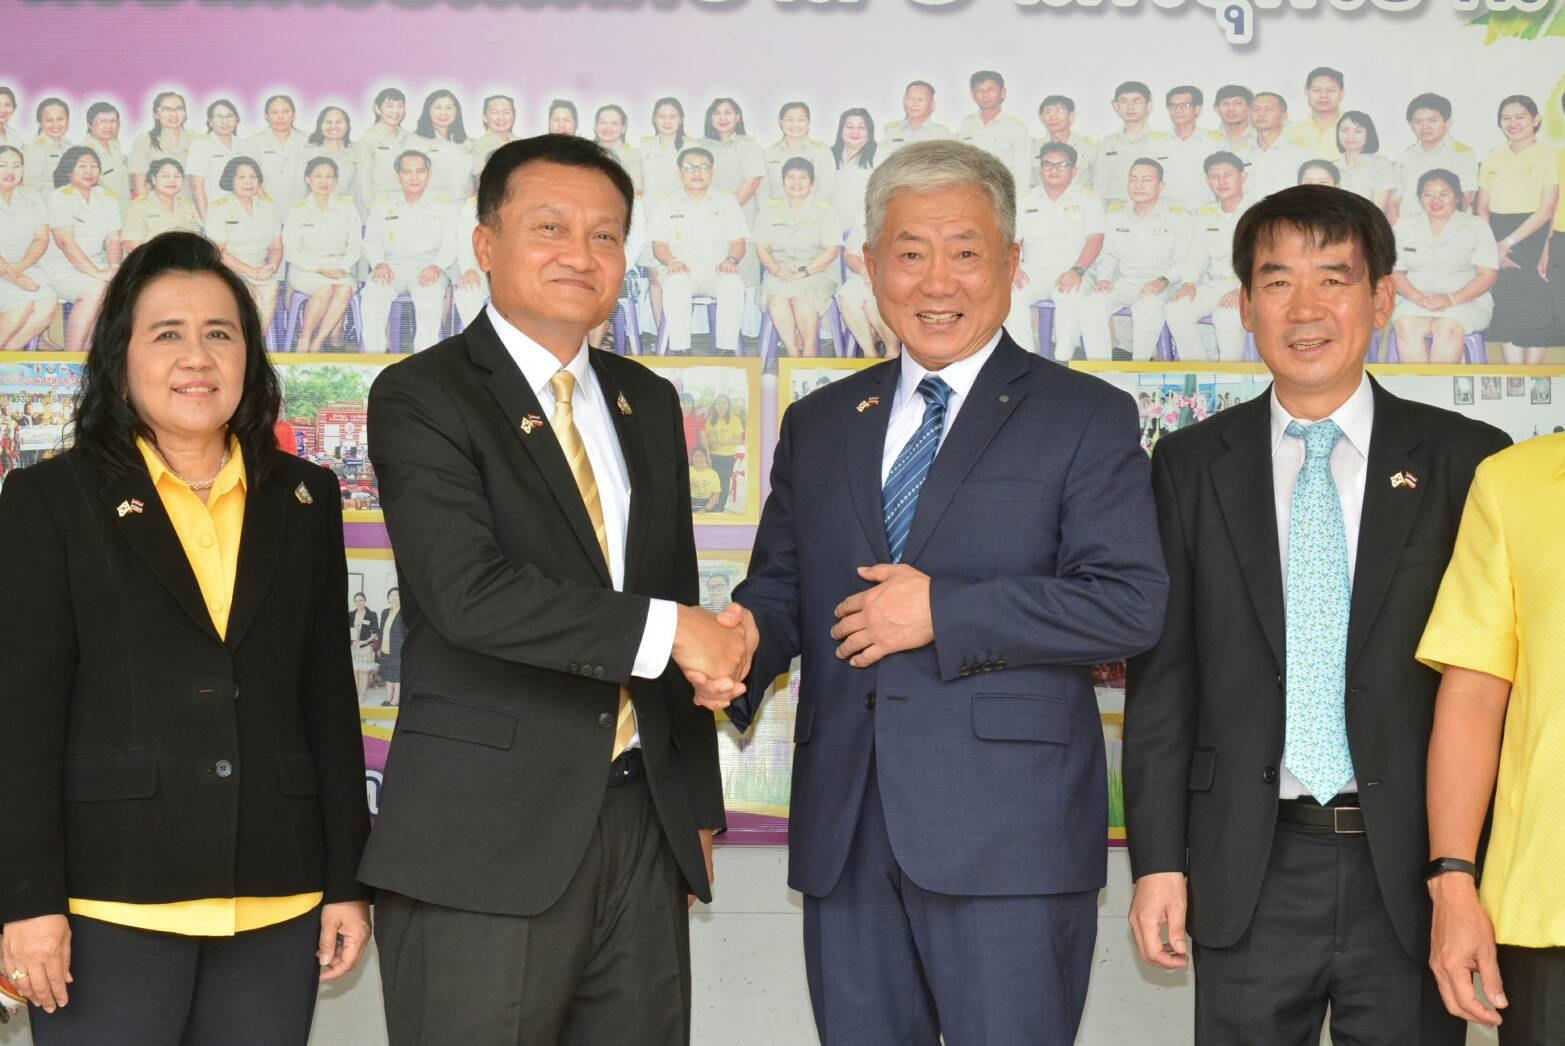 ปลัดแรงงานลงพื้นที่อุดรธานี นำ CEO HRD Korea เยี่ยมสนามทดสอบภาษาเกาหลี พร้อมหารือเพิ่มยอดโควตาฯ